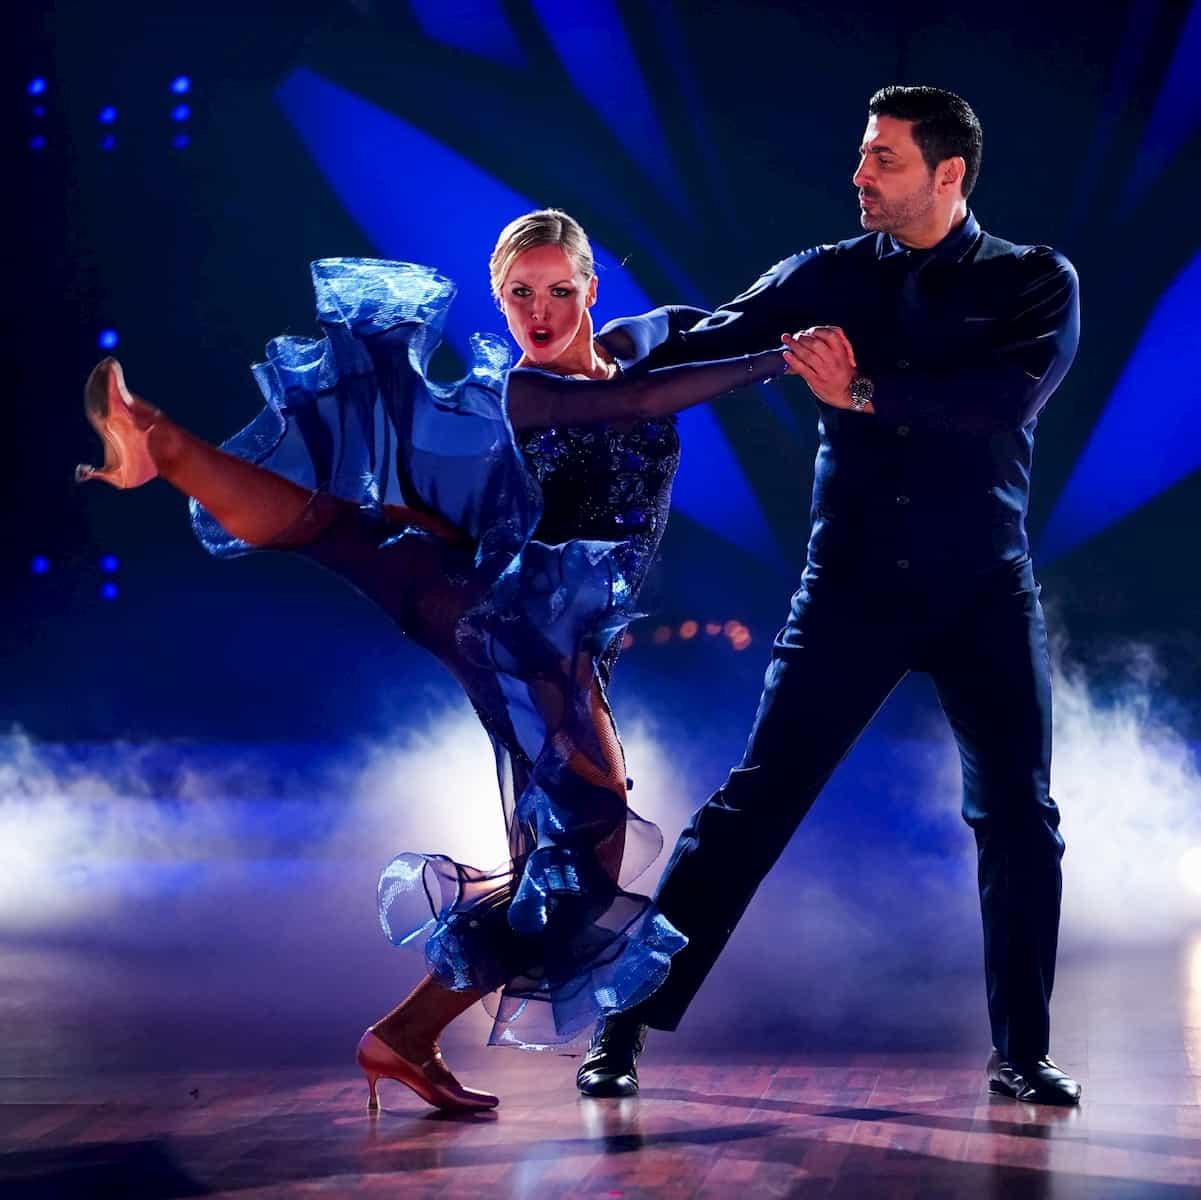 Alona Uehlin und Sükrü Pehlivan bei Let's dance 2020 am 28.2.2020